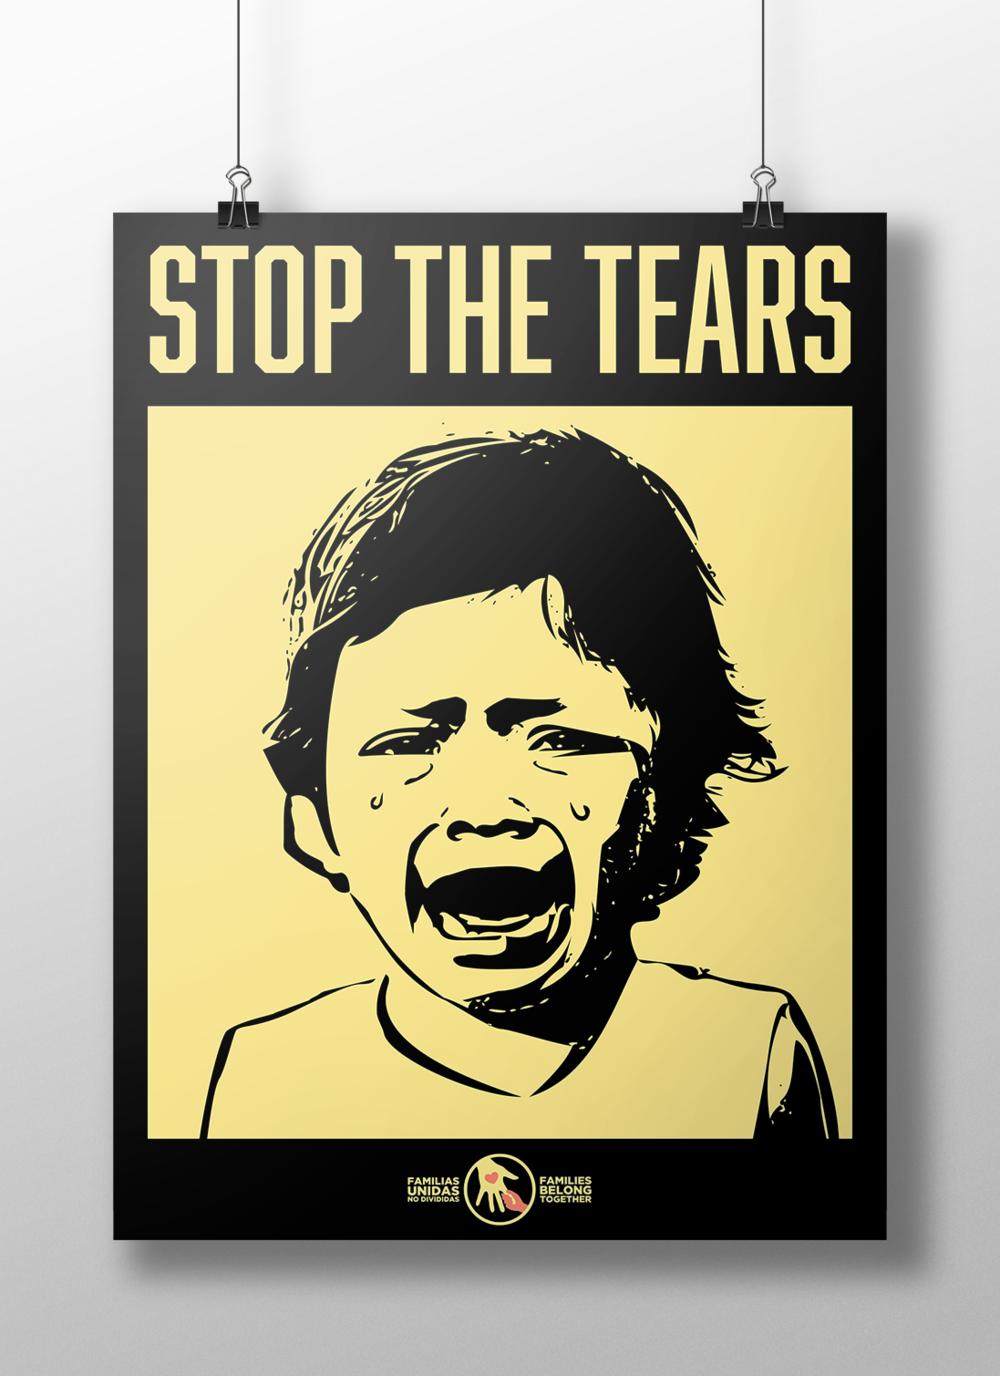 stopthetears